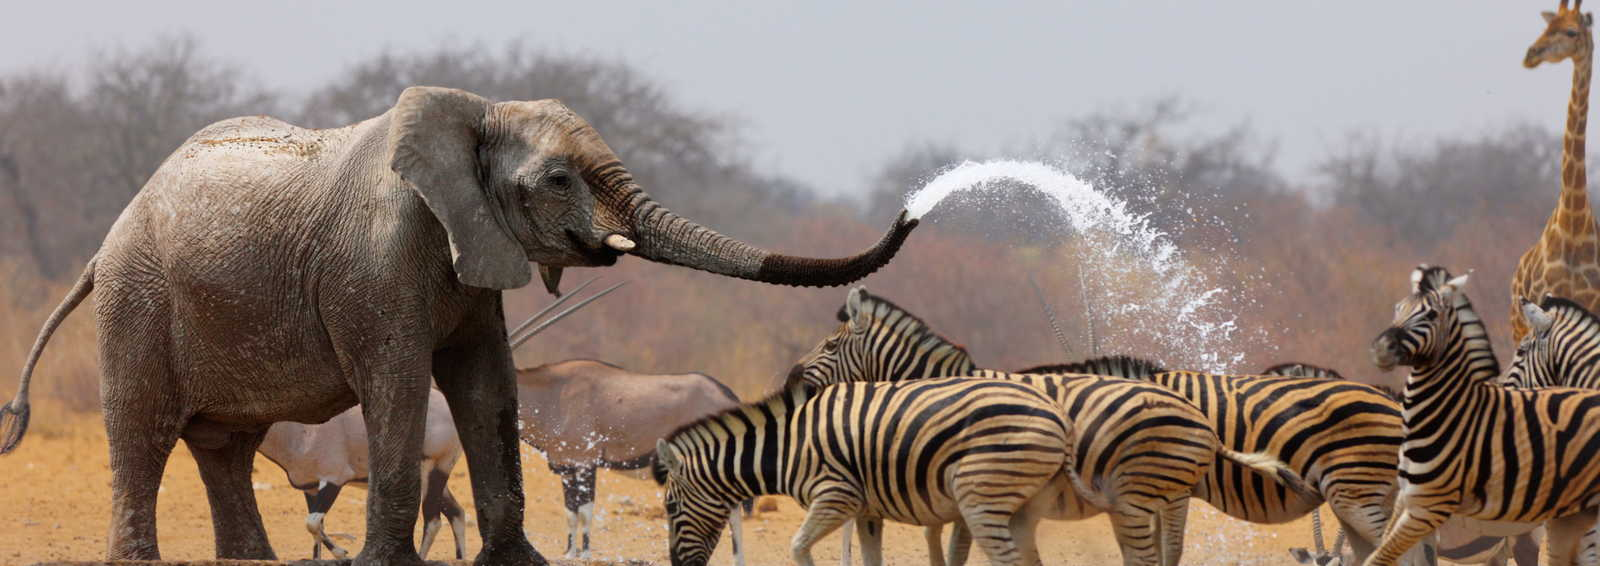 Water hole in Etosha National Park, Namibia